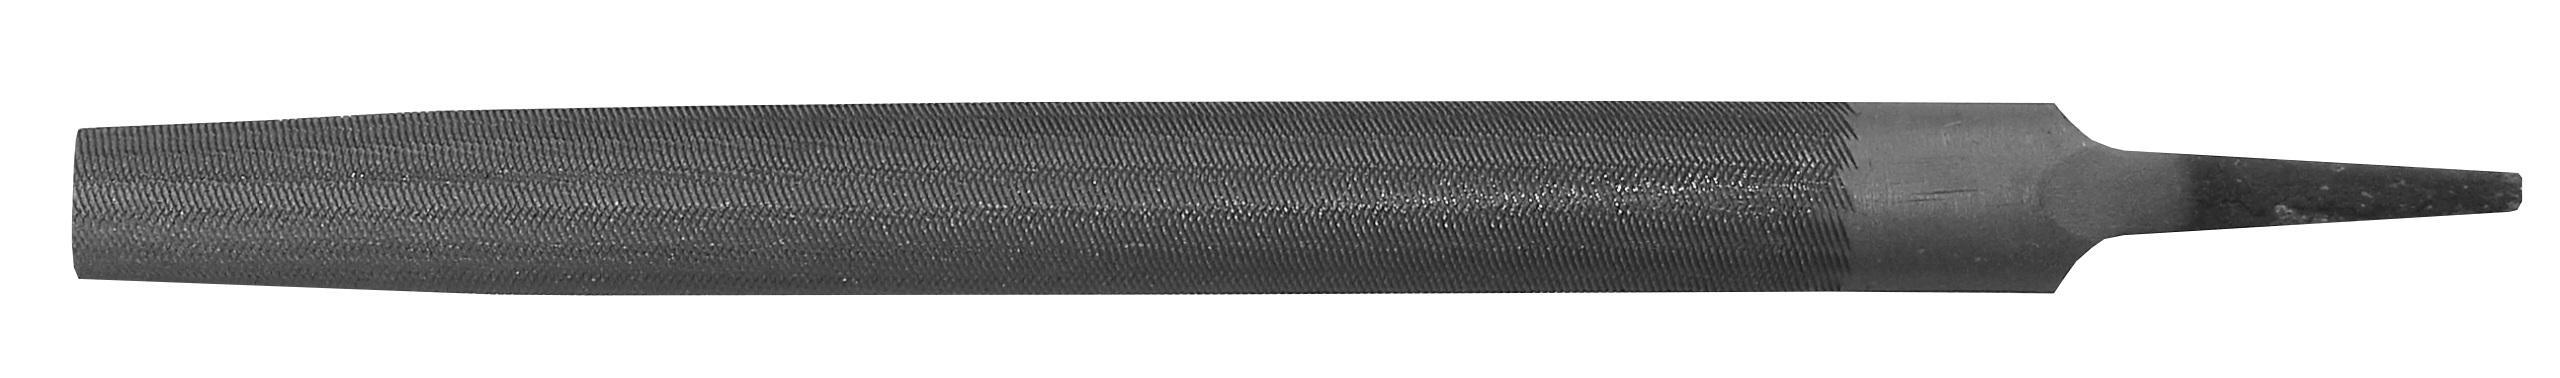 Напильник Berger Bg1158 напильник berger плоский с рукояткой 200 мм bg1150